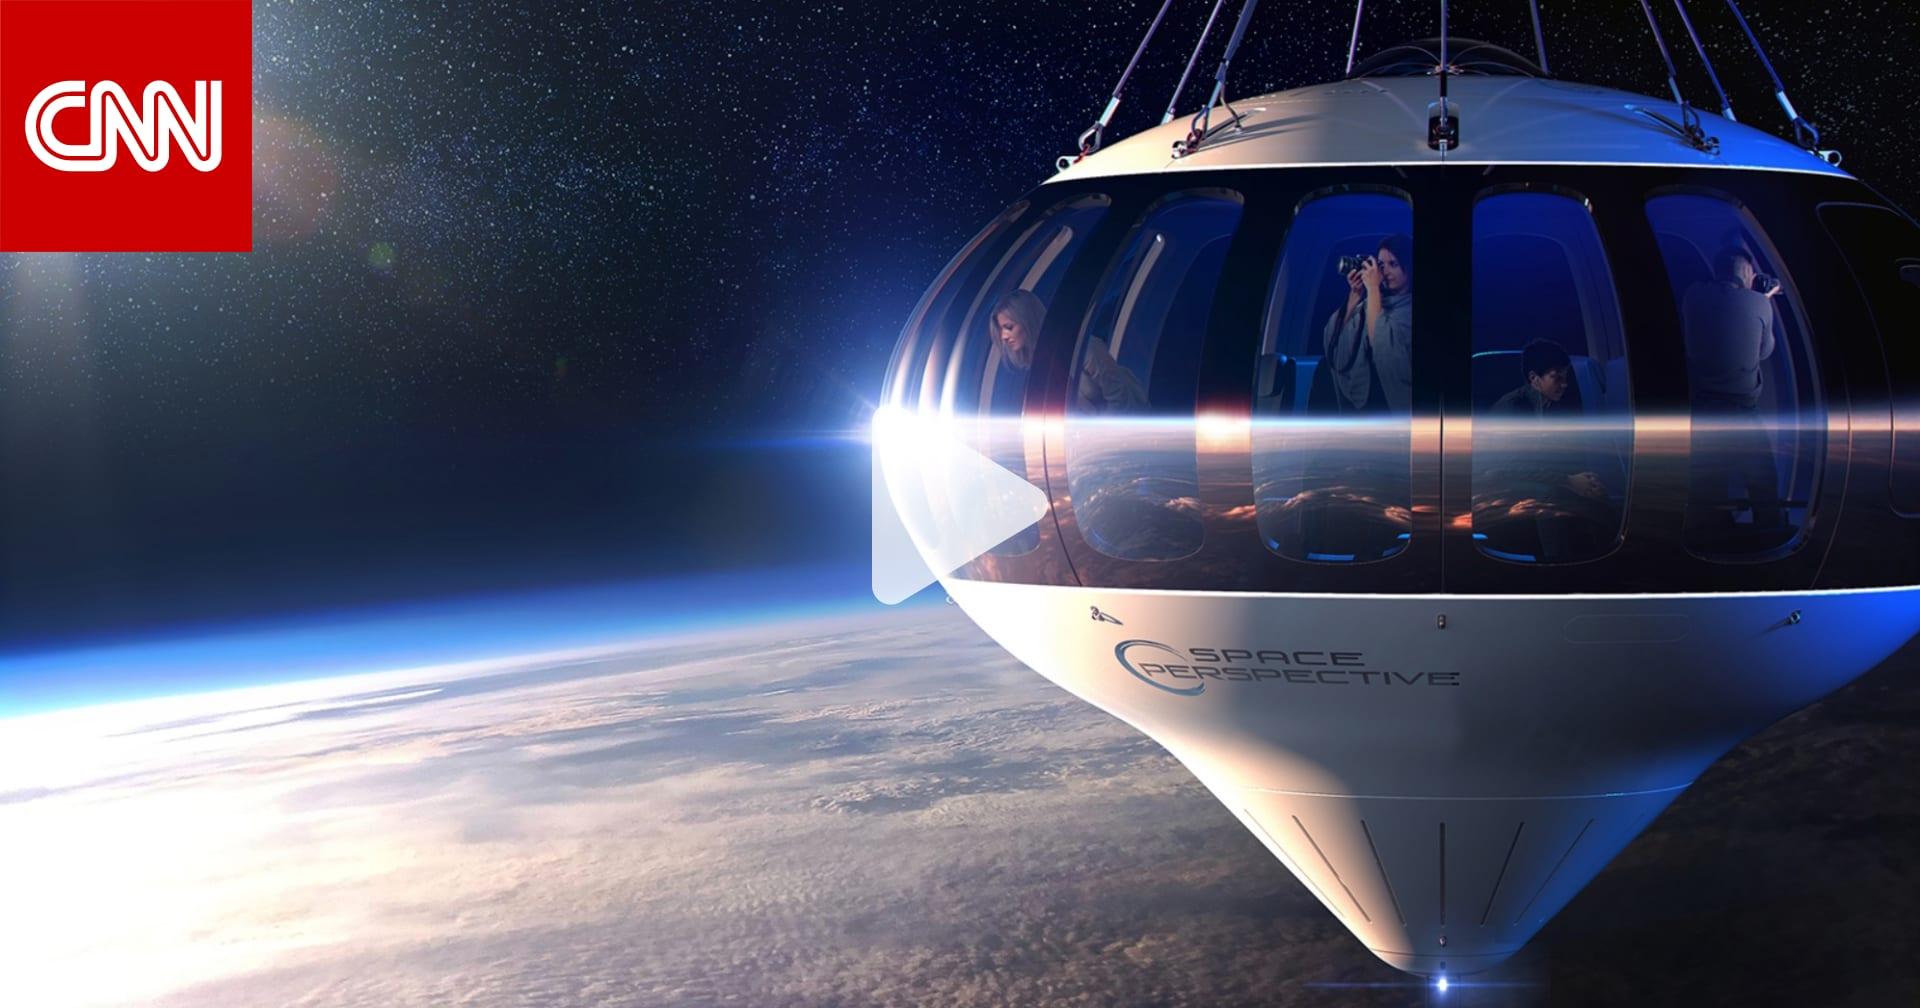 بالون بطول ملعب كرة قدم سيأخذك إلى حافة الفضاء لو كنت تملك 125 ألف دولار